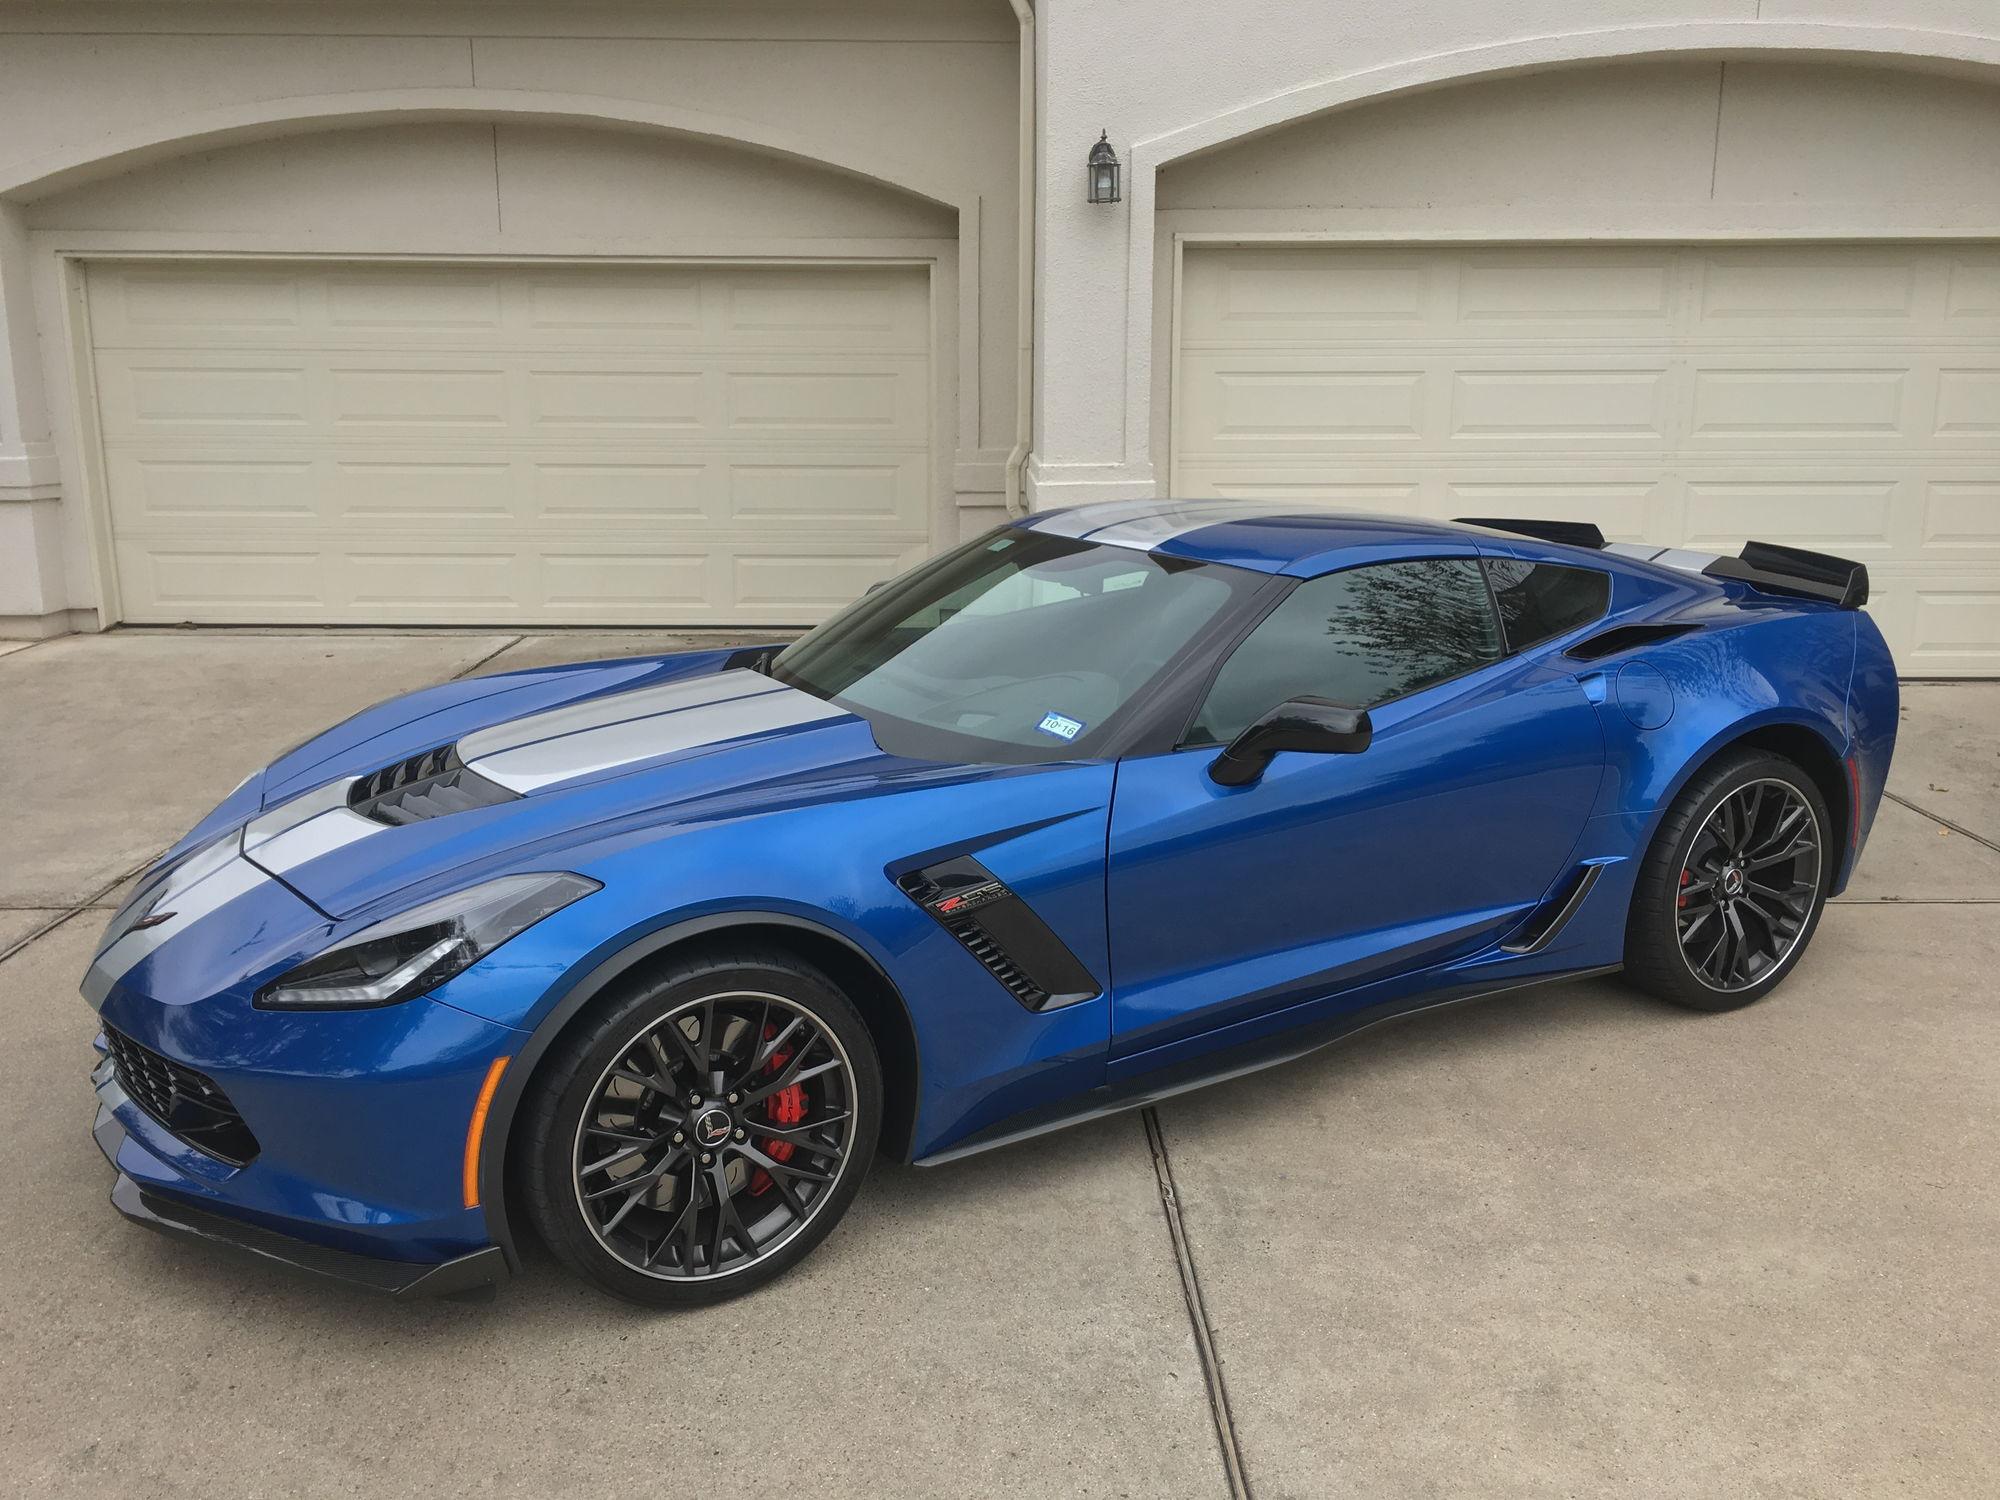 Corvettes For Sale Carmax >> 2015 Z06 A8 1LZ Blue 5700mi $75,000 - CorvetteForum - Chevrolet Corvette Forum Discussion